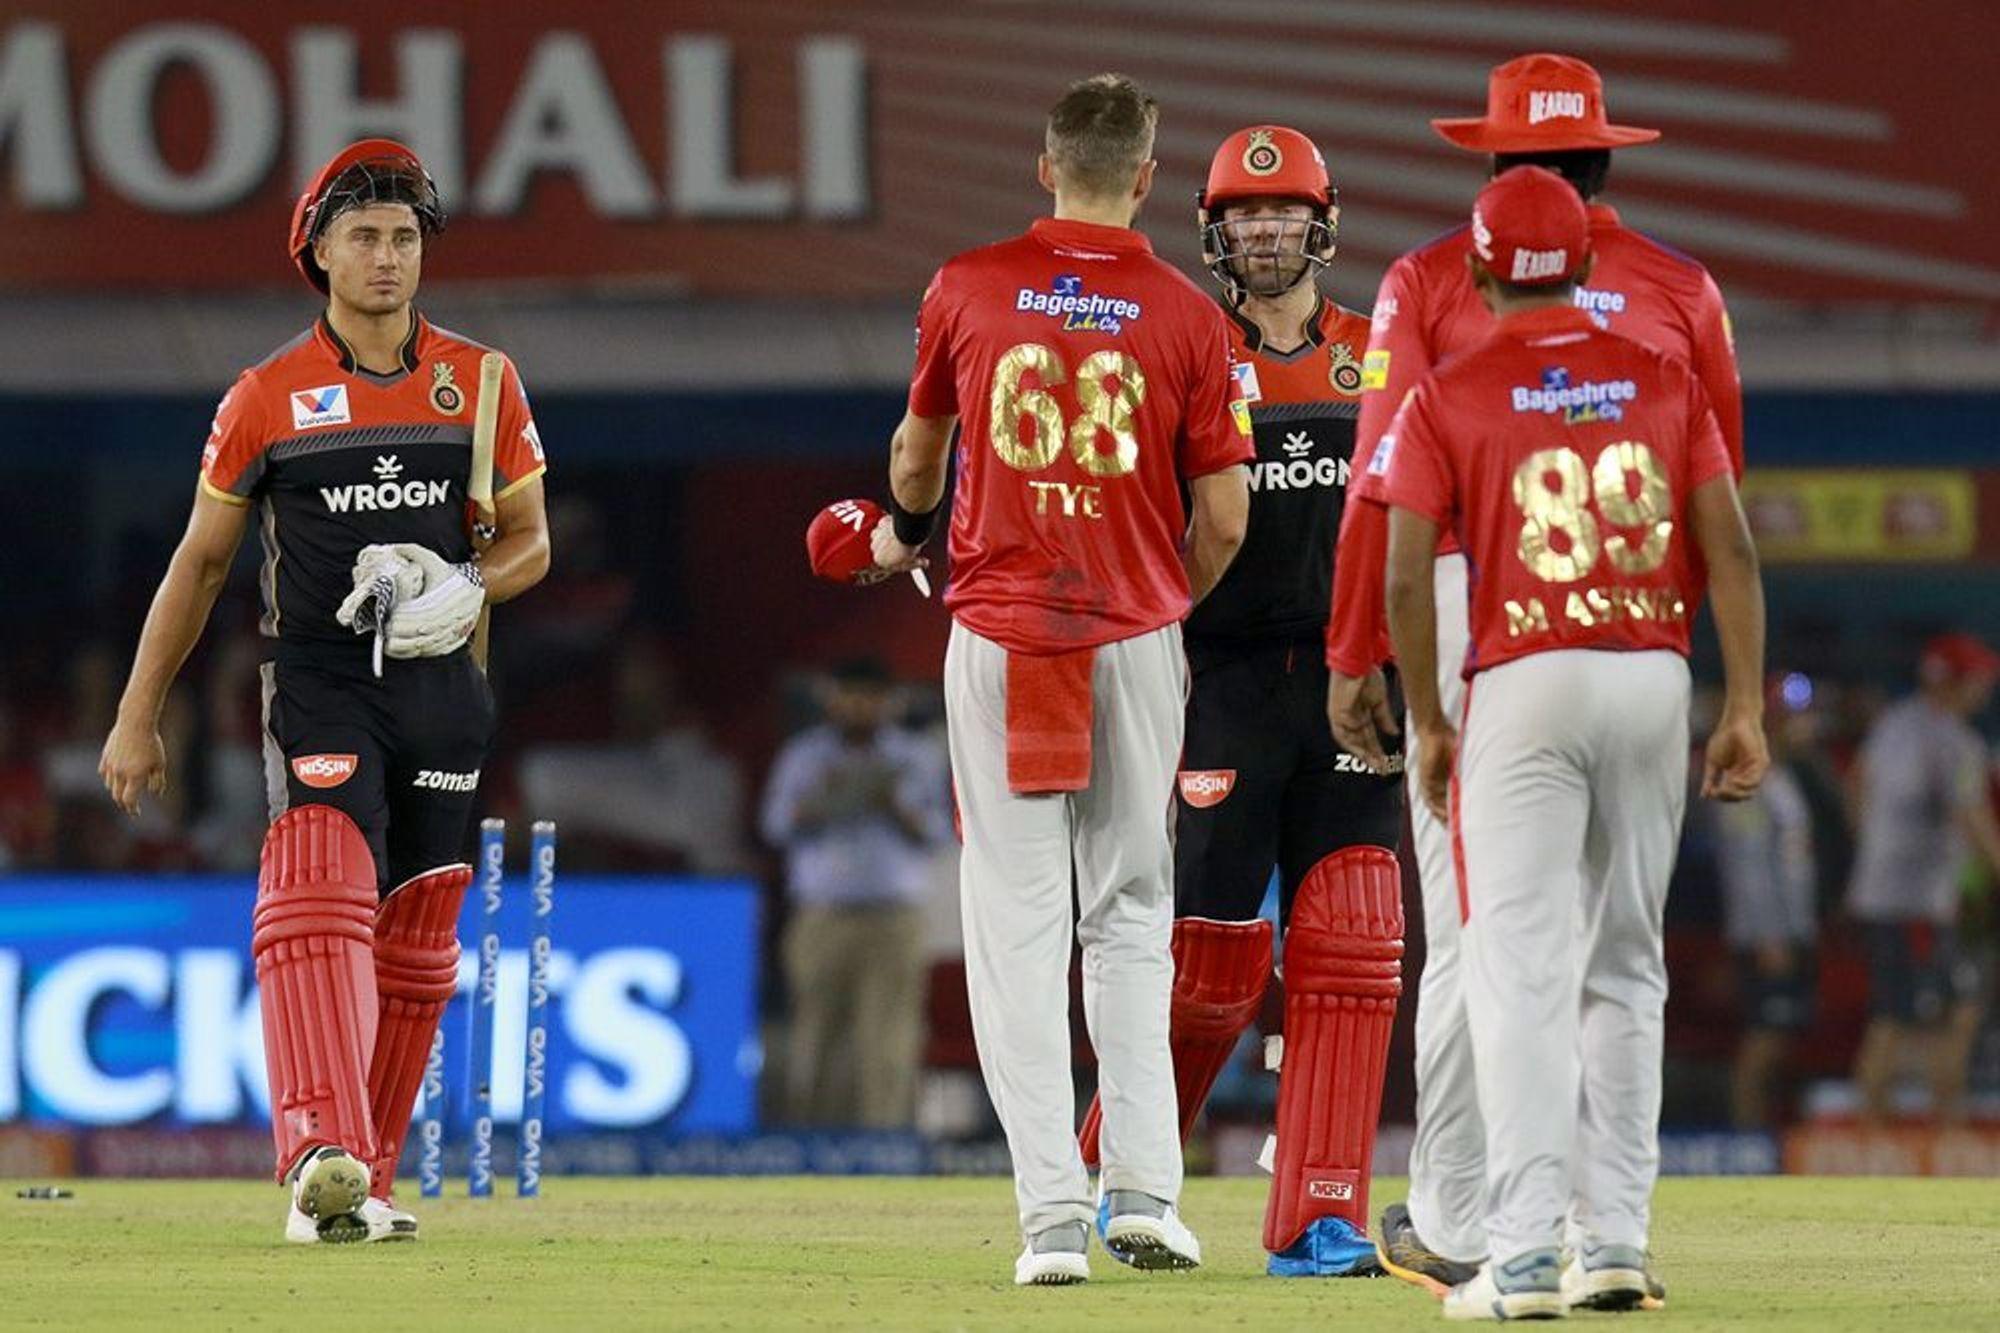 KXIPvsRCB : कोहली-डीविलियर्स की शानदार पारीयों के दम पर आरसीबी ने पंजाब को 8 विकेट से हराया 9